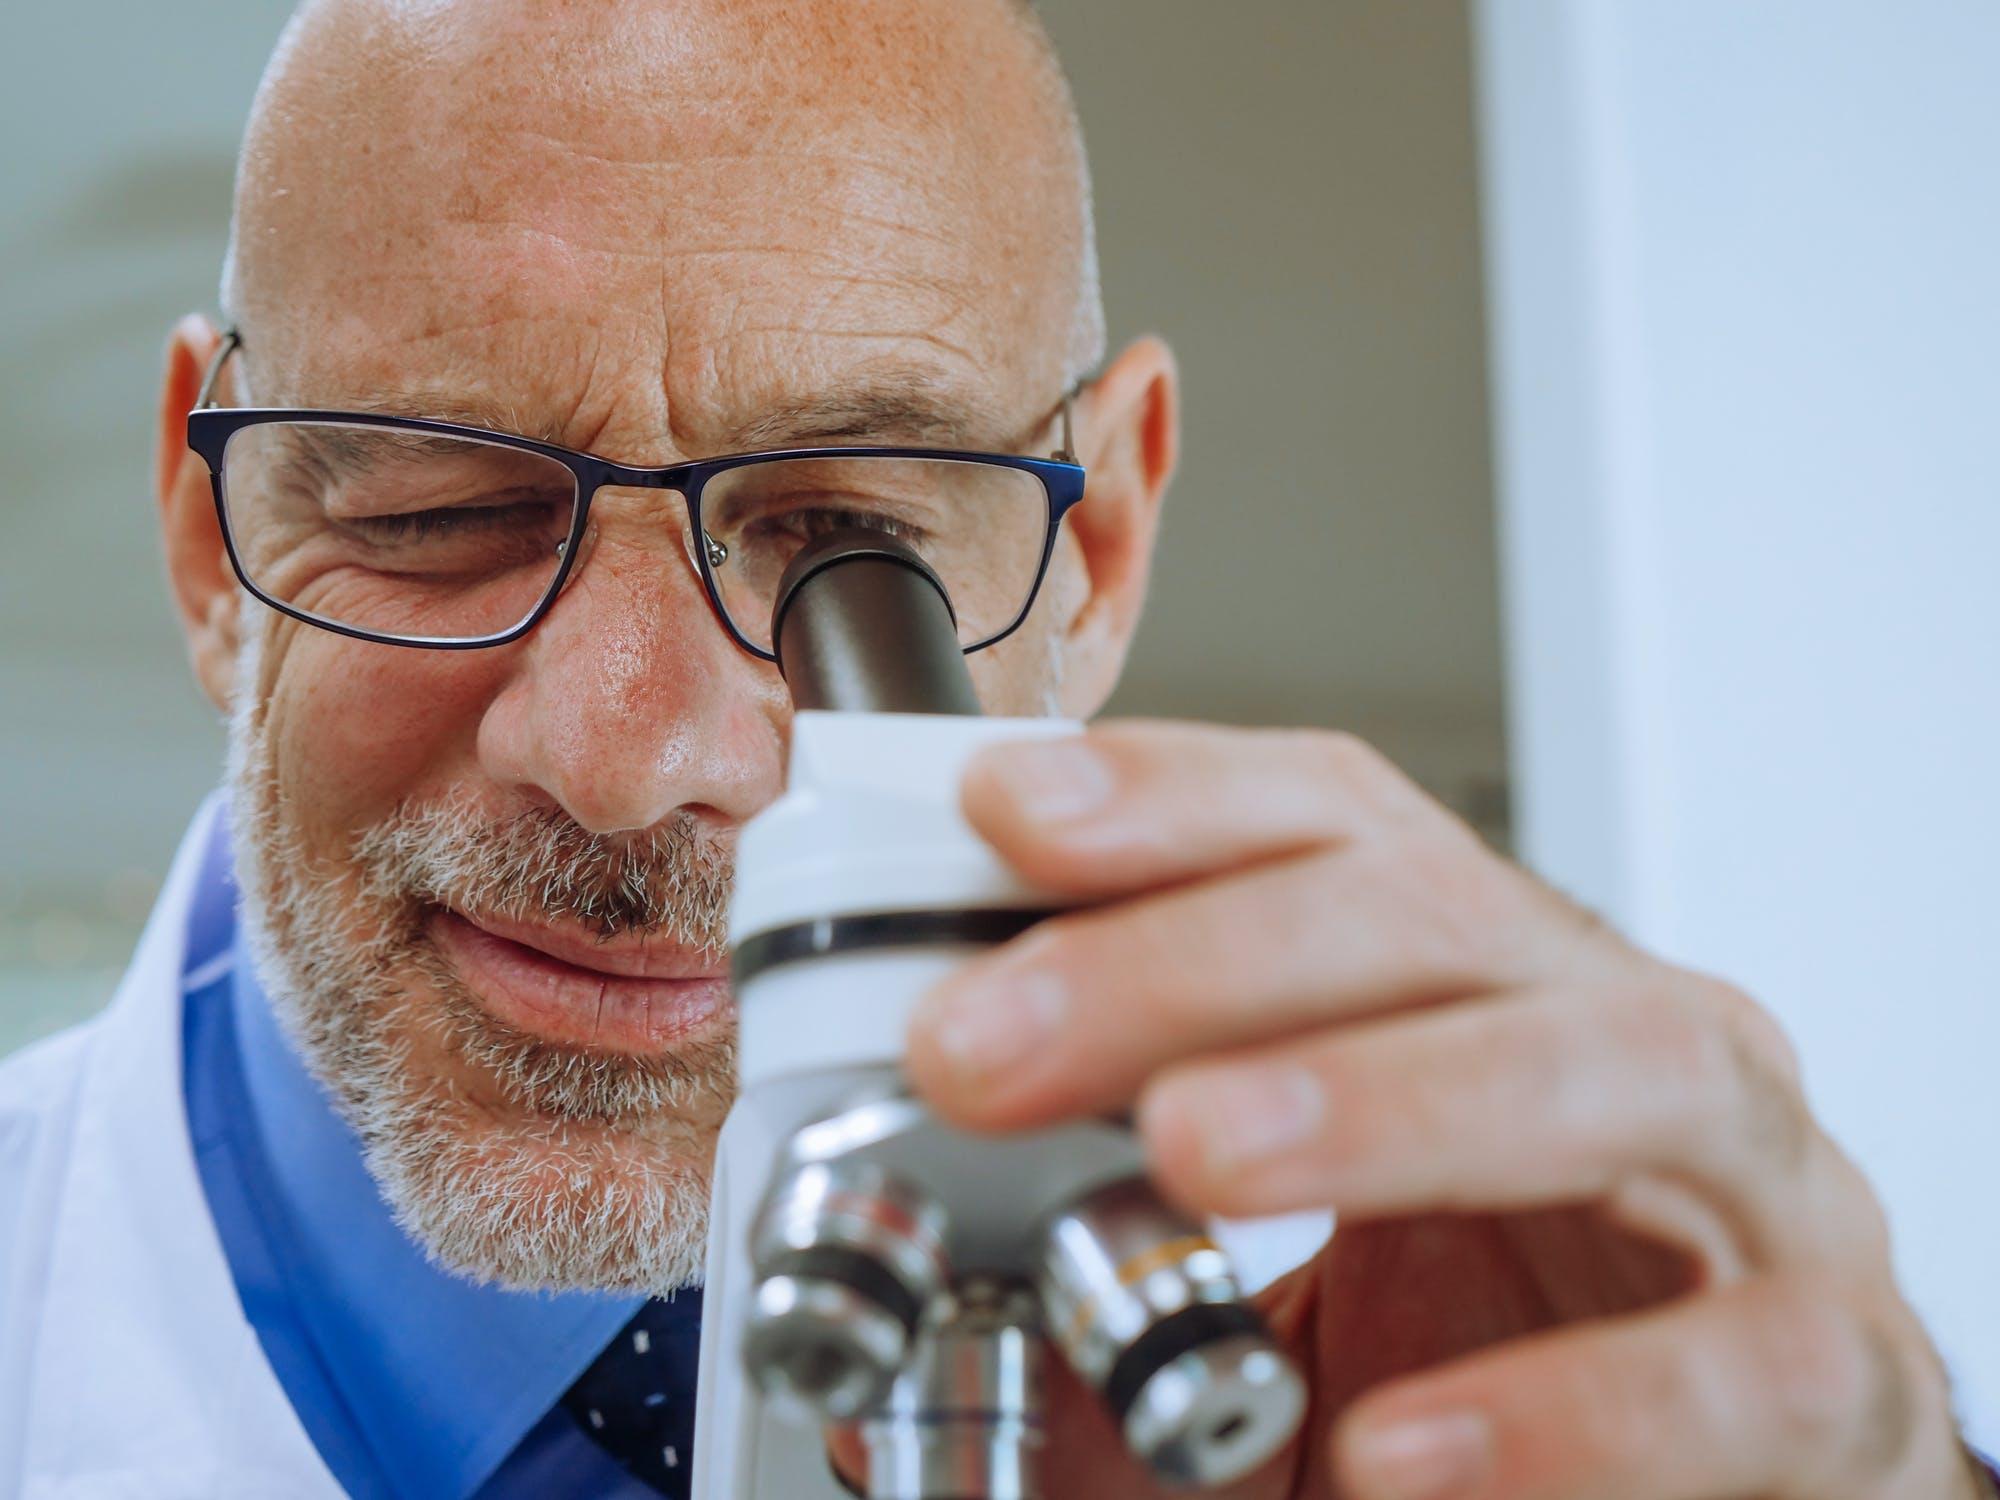 Фото виды седативный препарат оказывающий спазмолитическое действие для взрослых - Кревель Мойзельбах